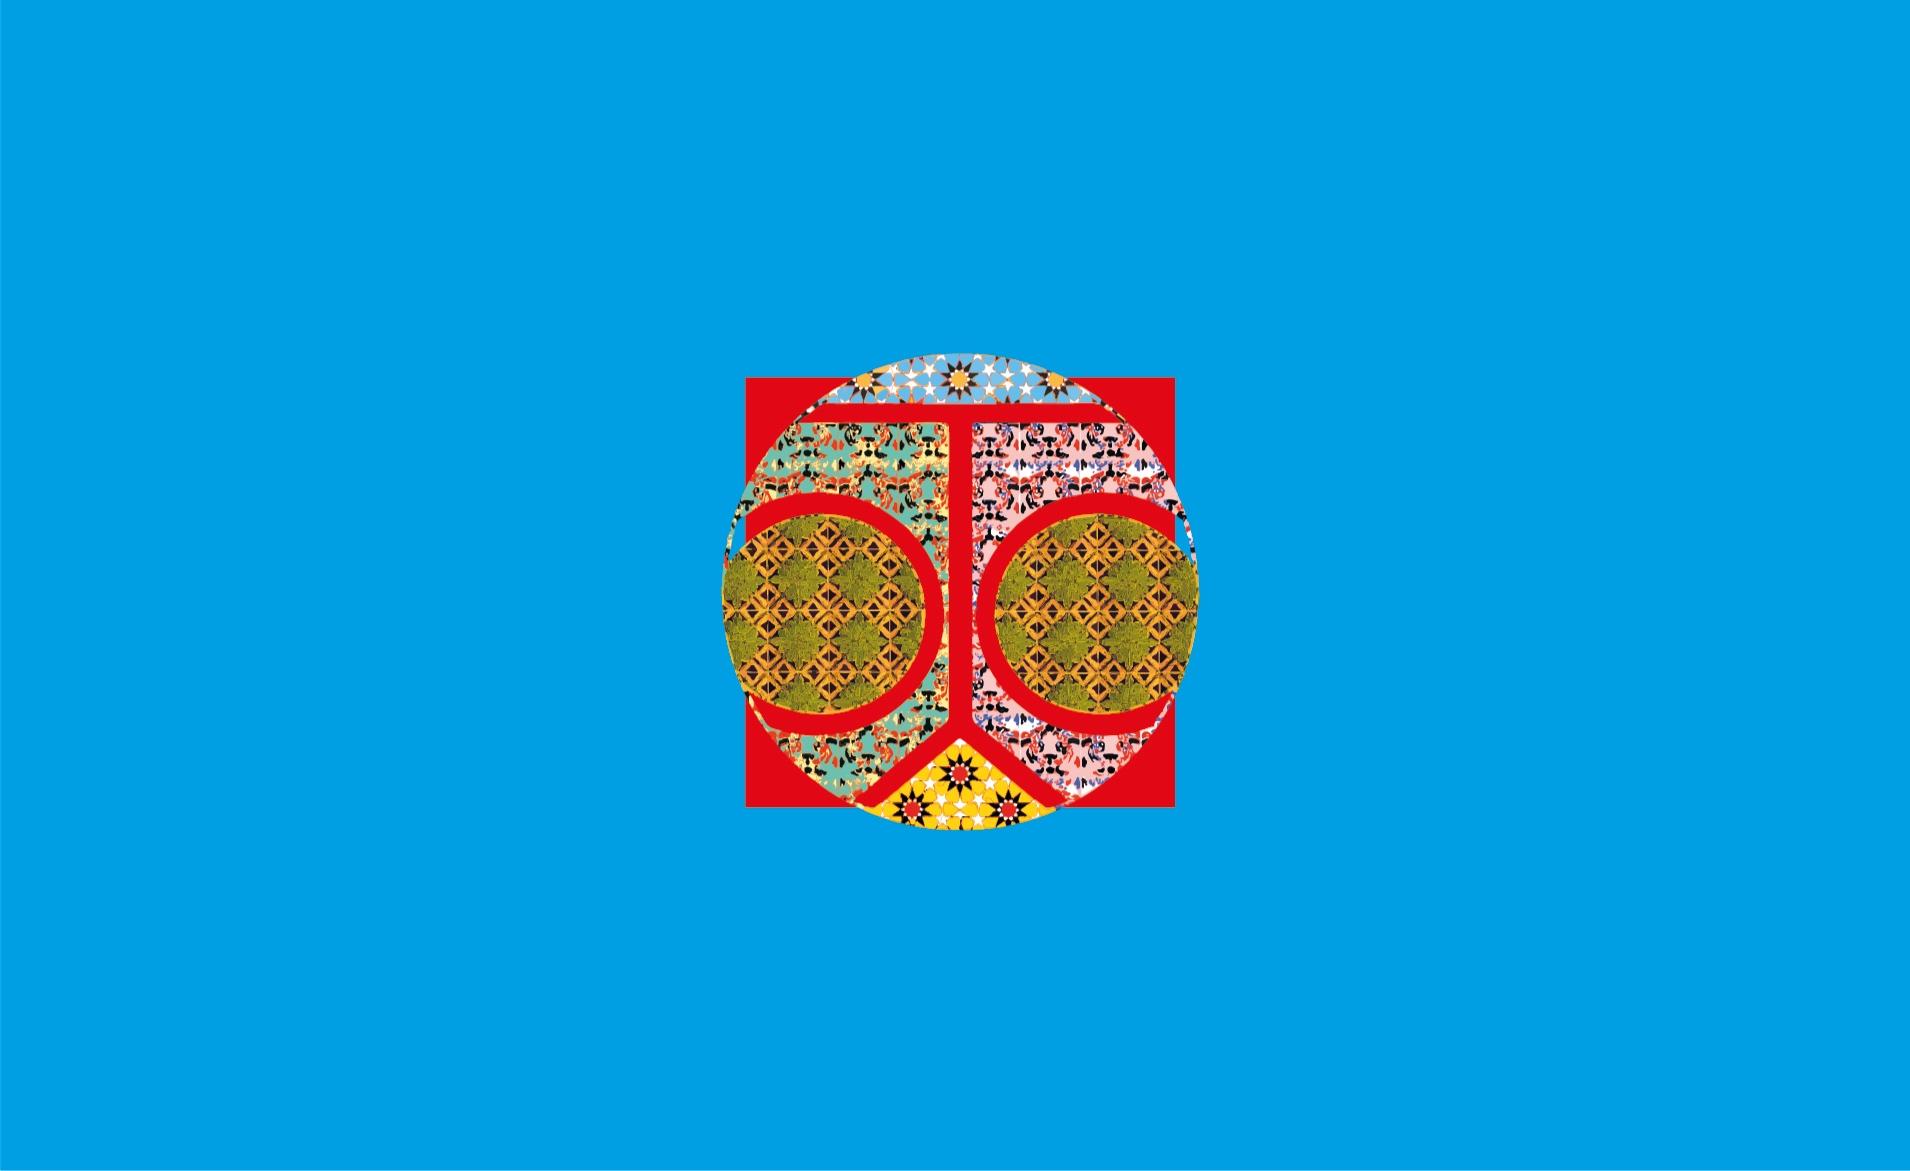 Asset+12+logo+red+square+on+light+blue.jpg